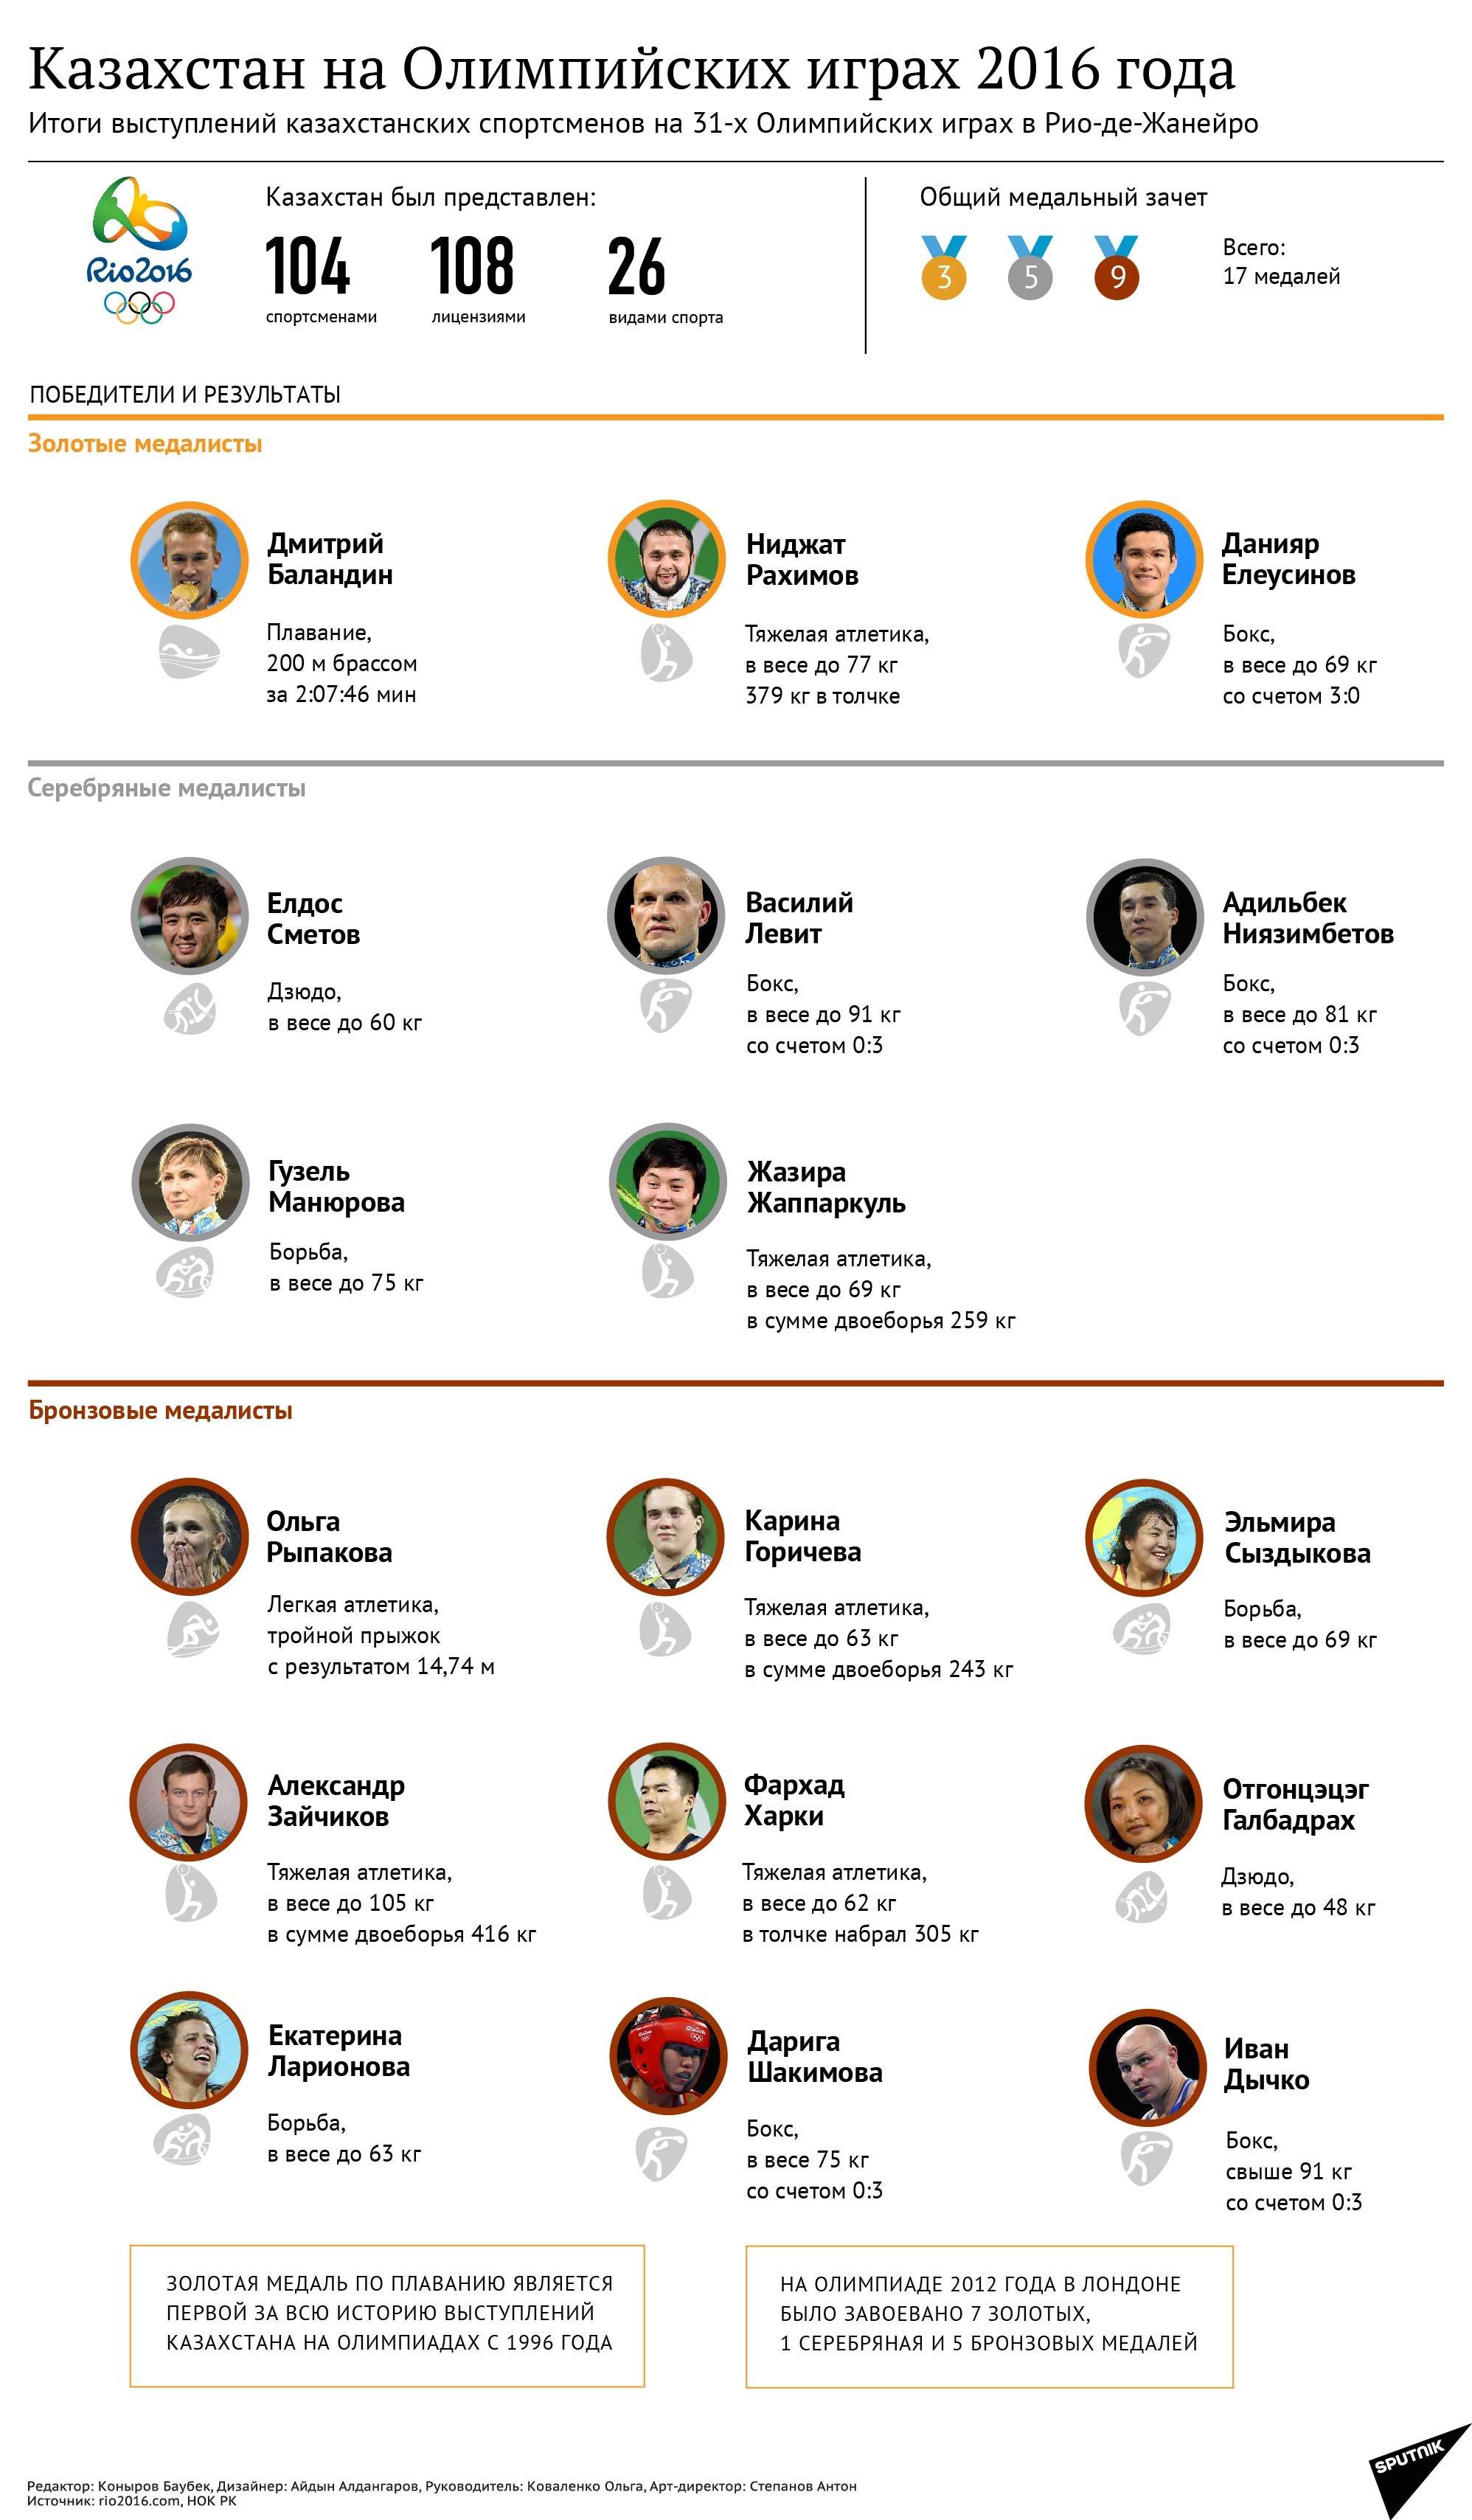 Итоги выступлений казахстанских спортсменов на Олимпиаде в Рио